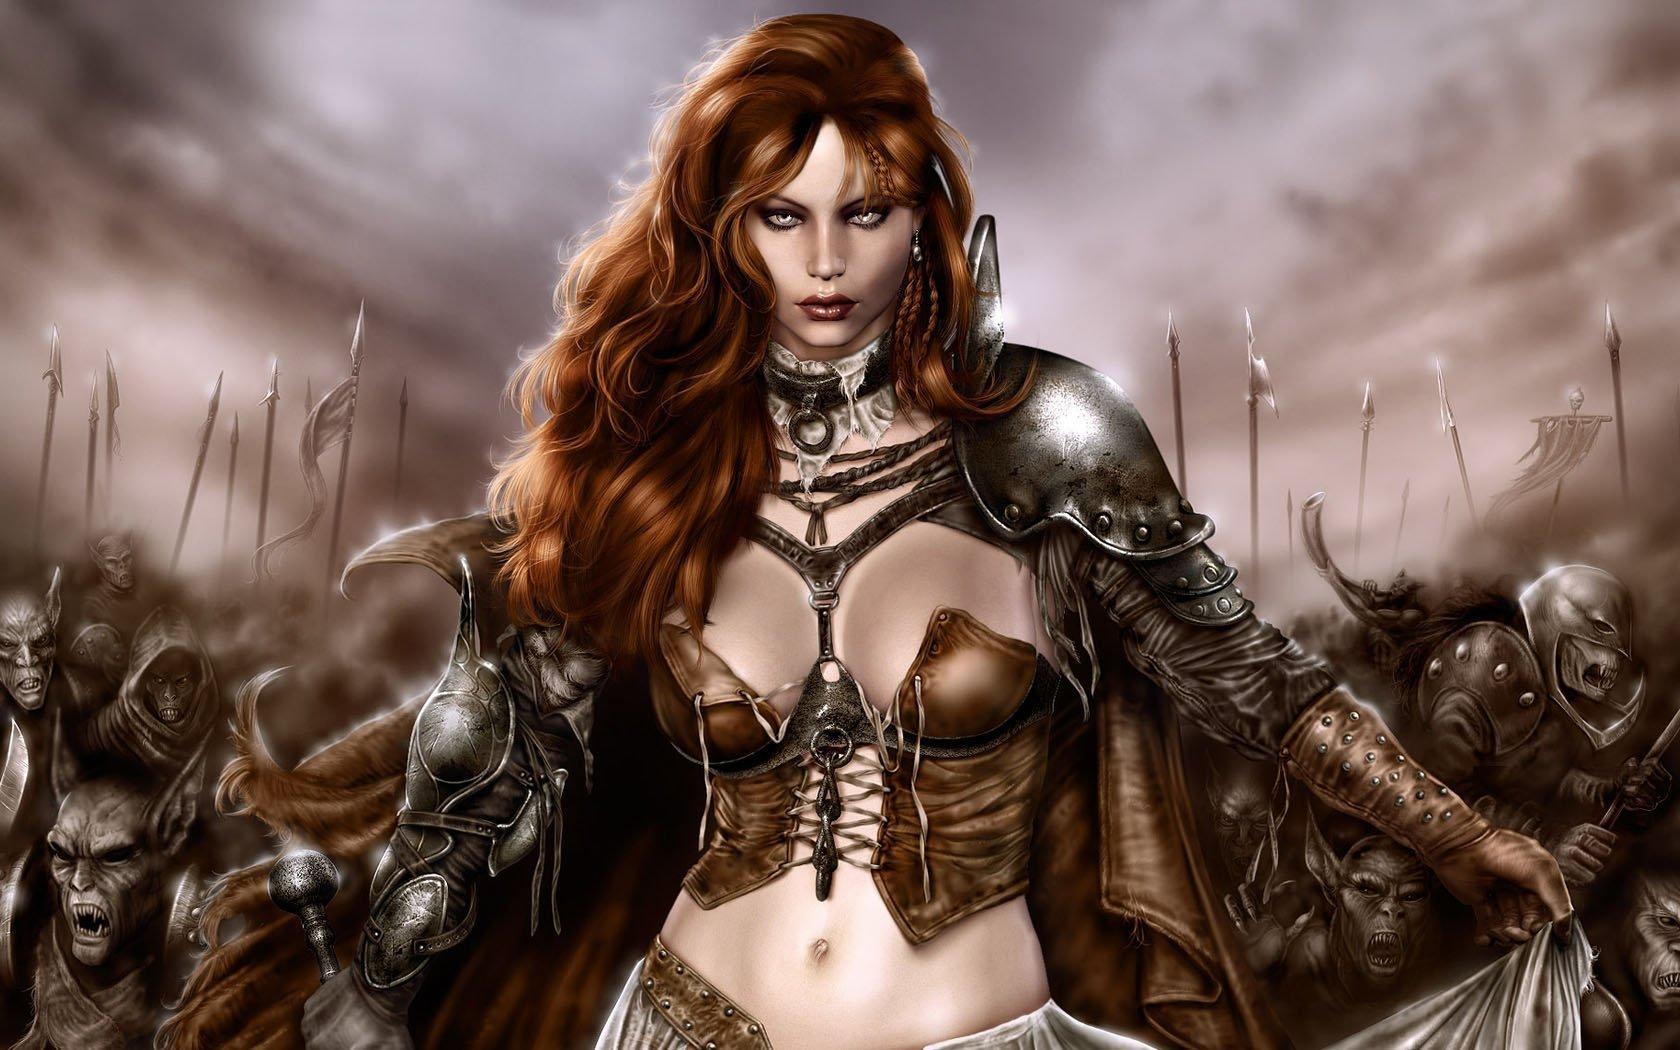 Fantasy war fantasy 23116330 1680 1050